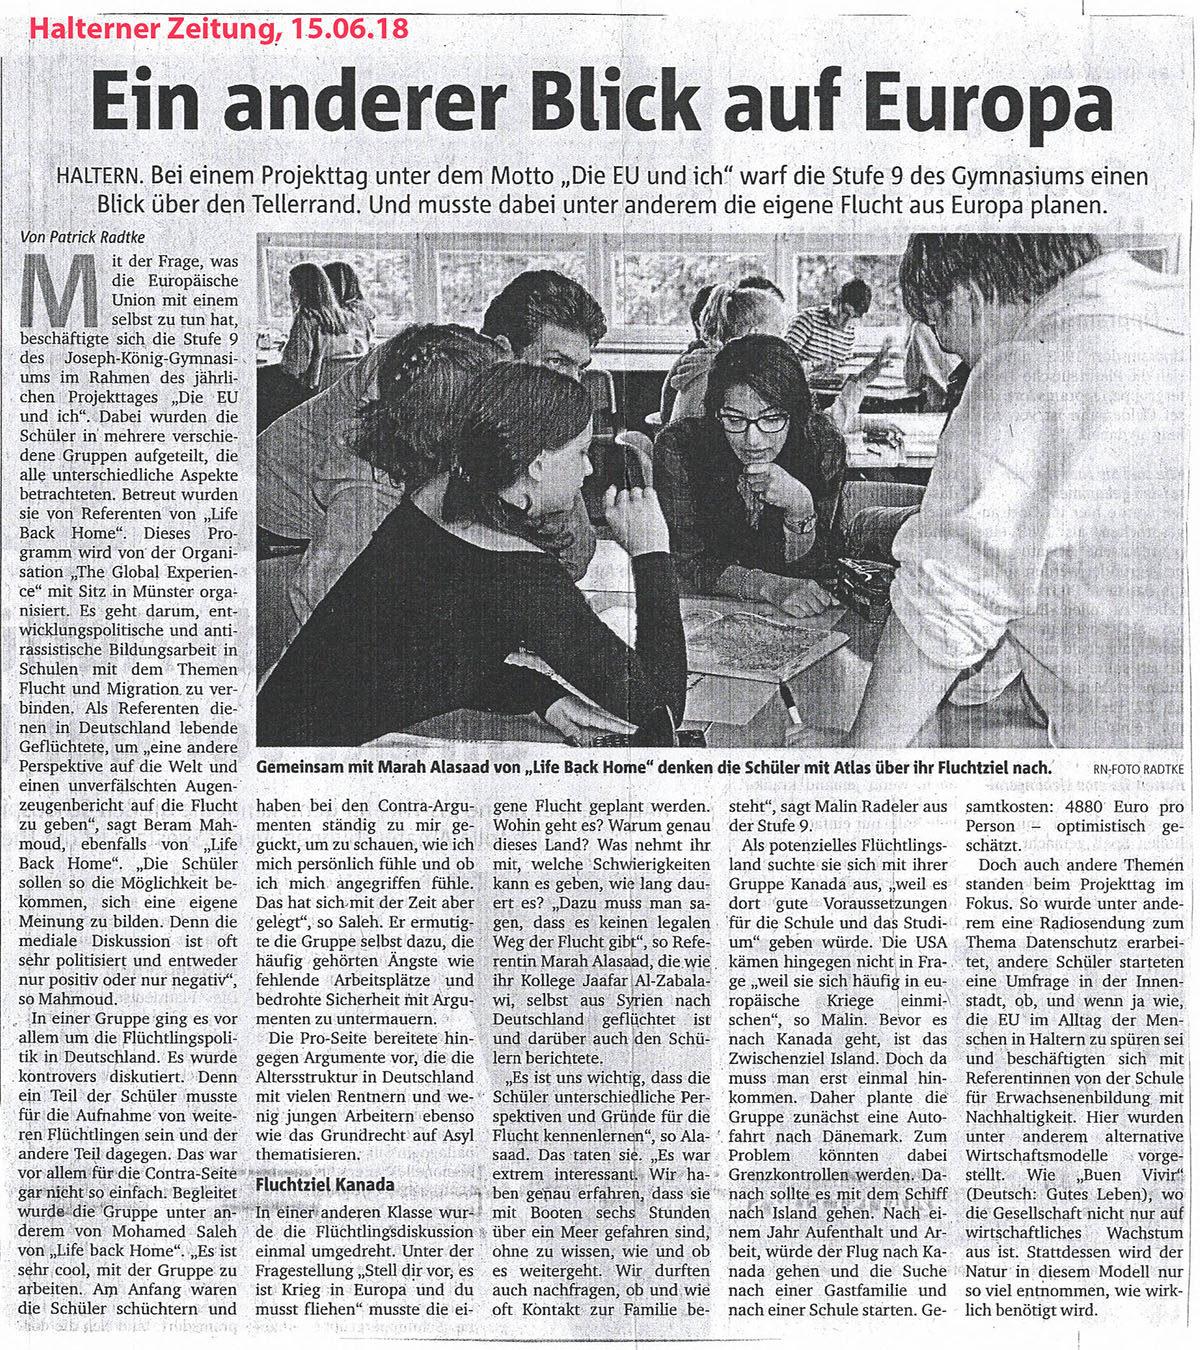 Haltener Zeitung, 15.06.2018